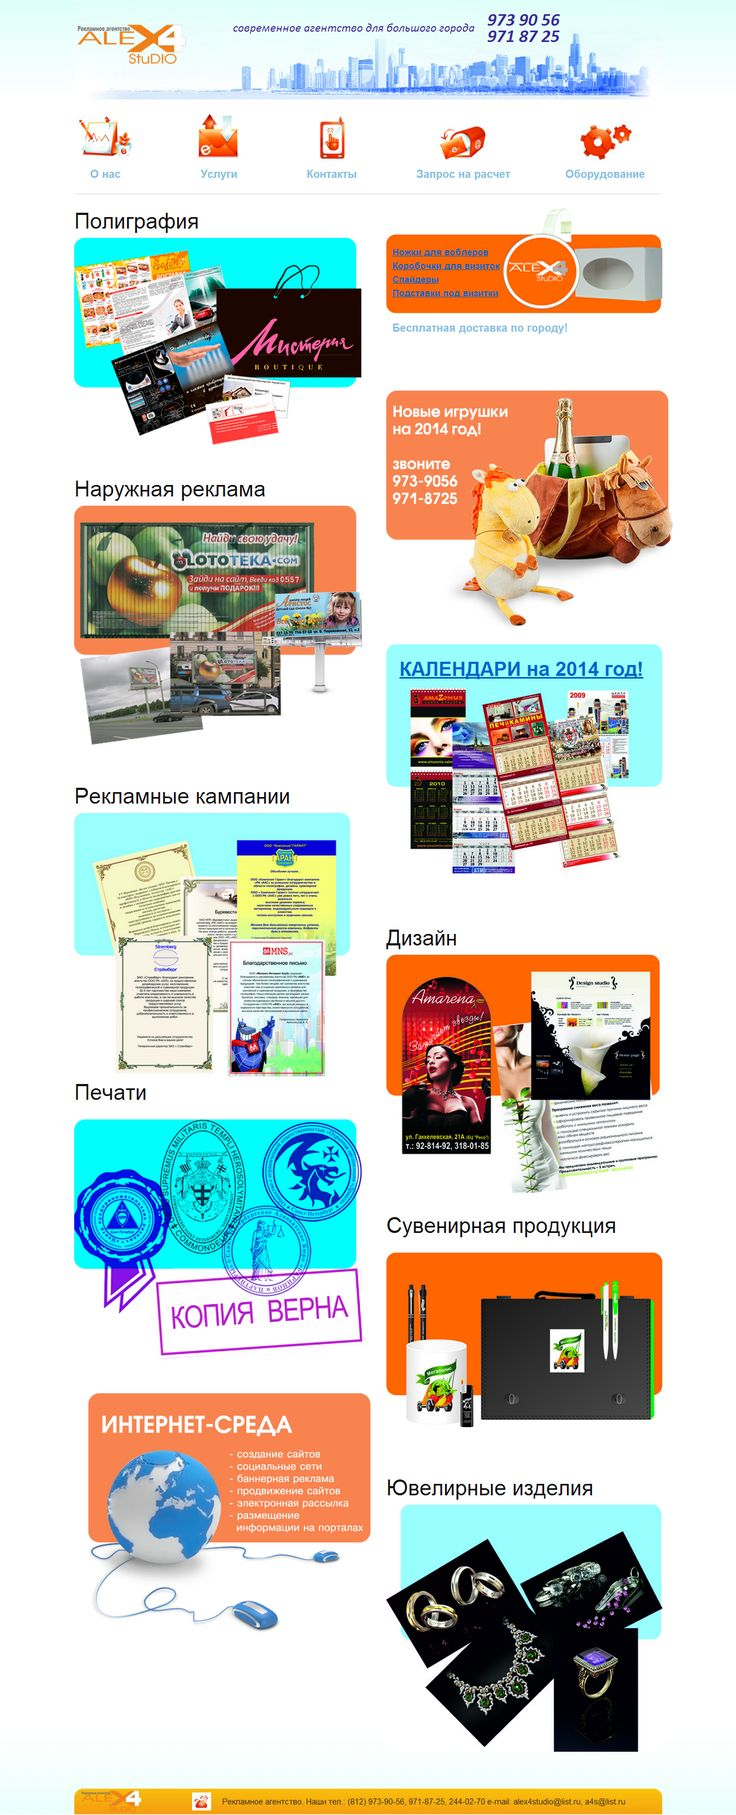 http://www.a4s.ru/